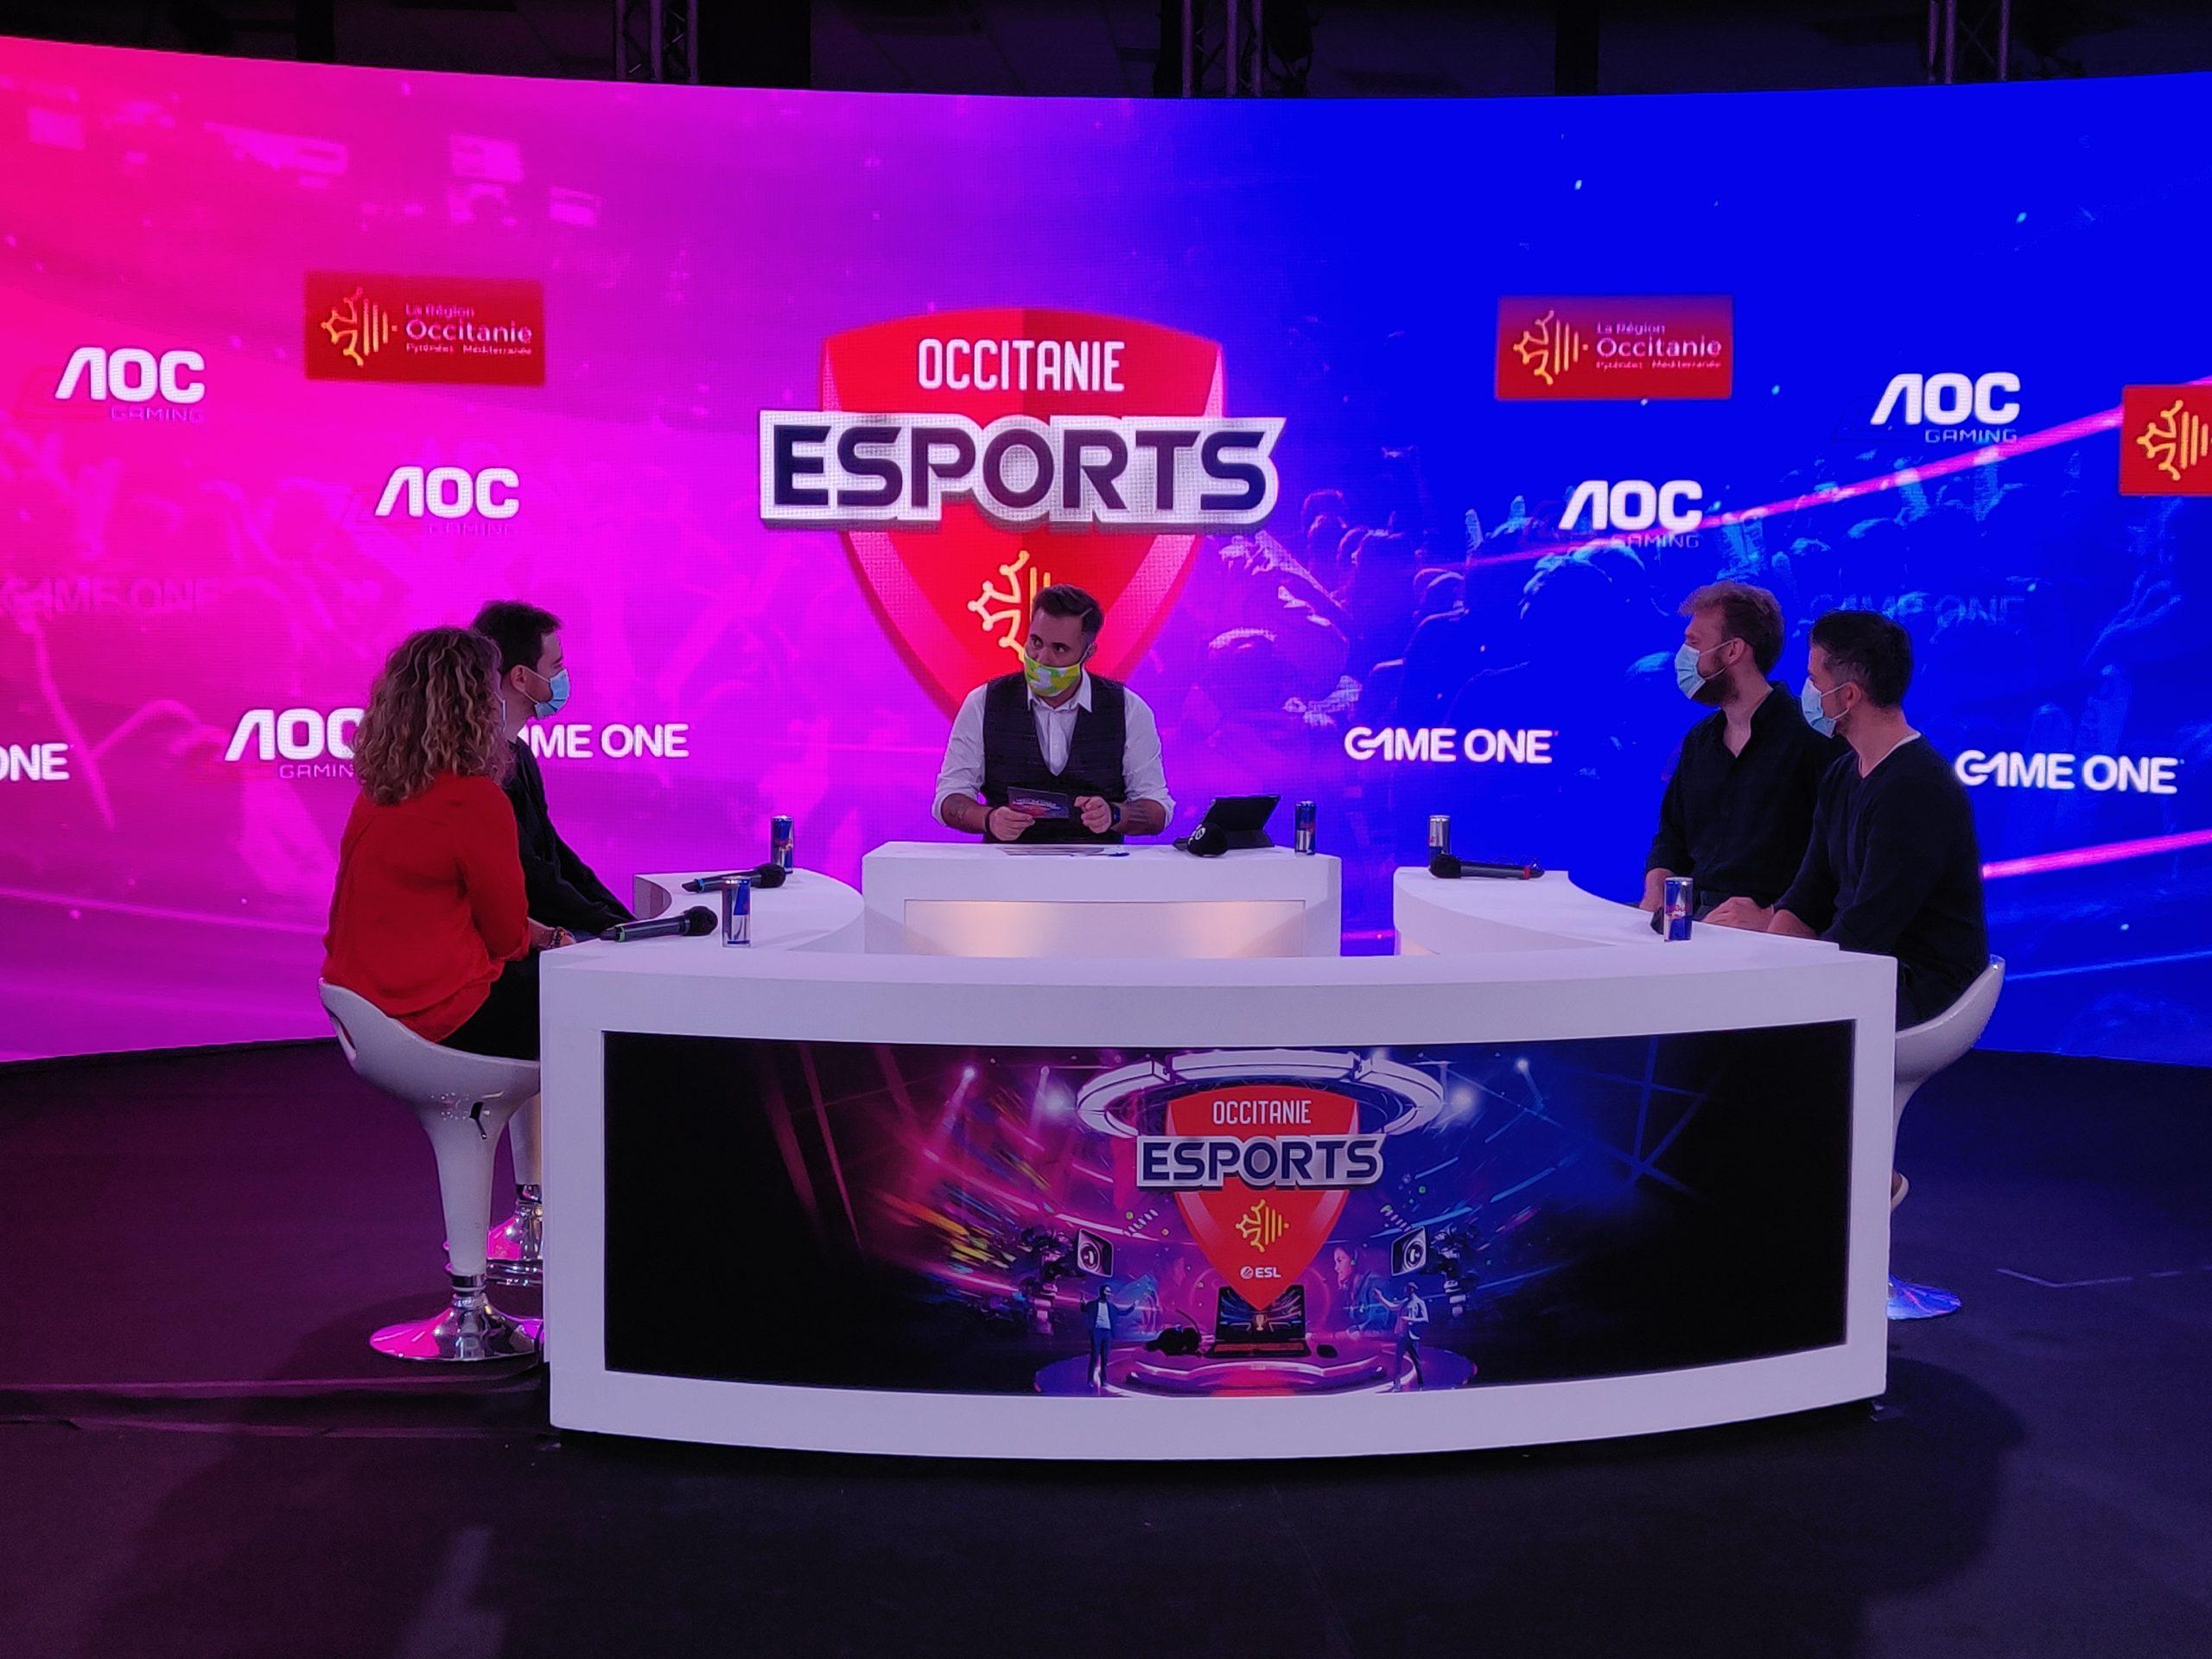 Occitanie Esport 2020